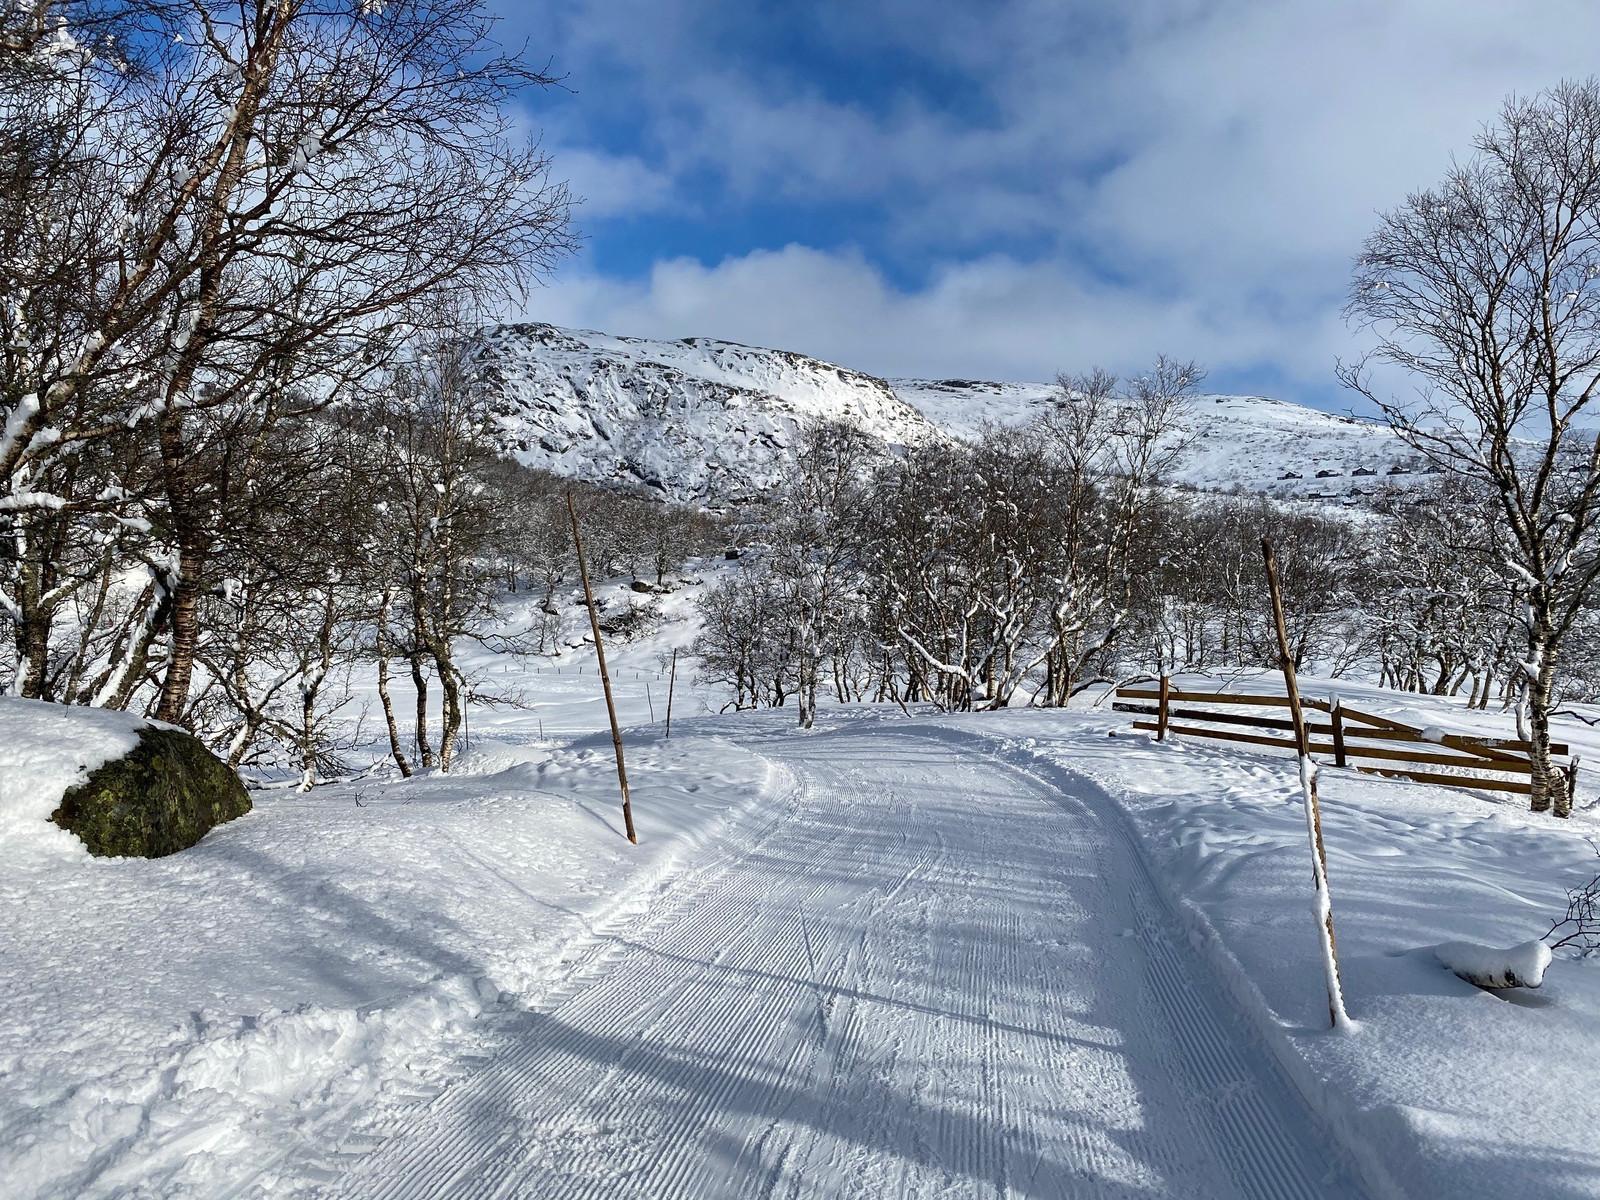 Oppkjørte skiløyper går rett ved hyttene på Hattevarden.  Du kan også renne på ski ned i Alpinanlegget med 3 ned farter.